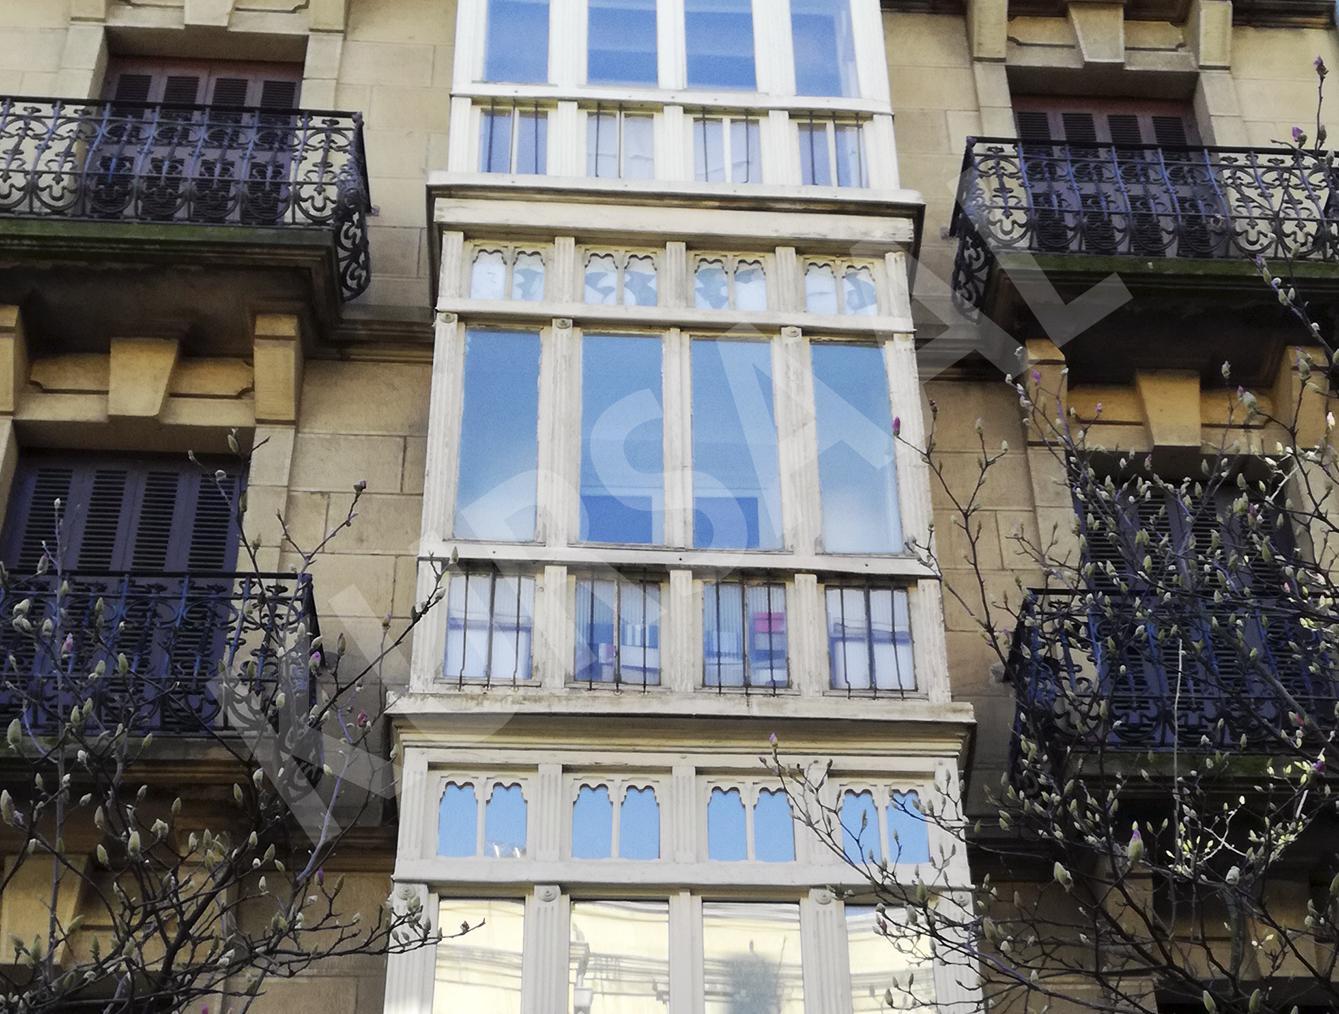 foto 7 - Restauración y patrimonio-Sánchez Toca 7-DONOSTIA, GIPUZKOA